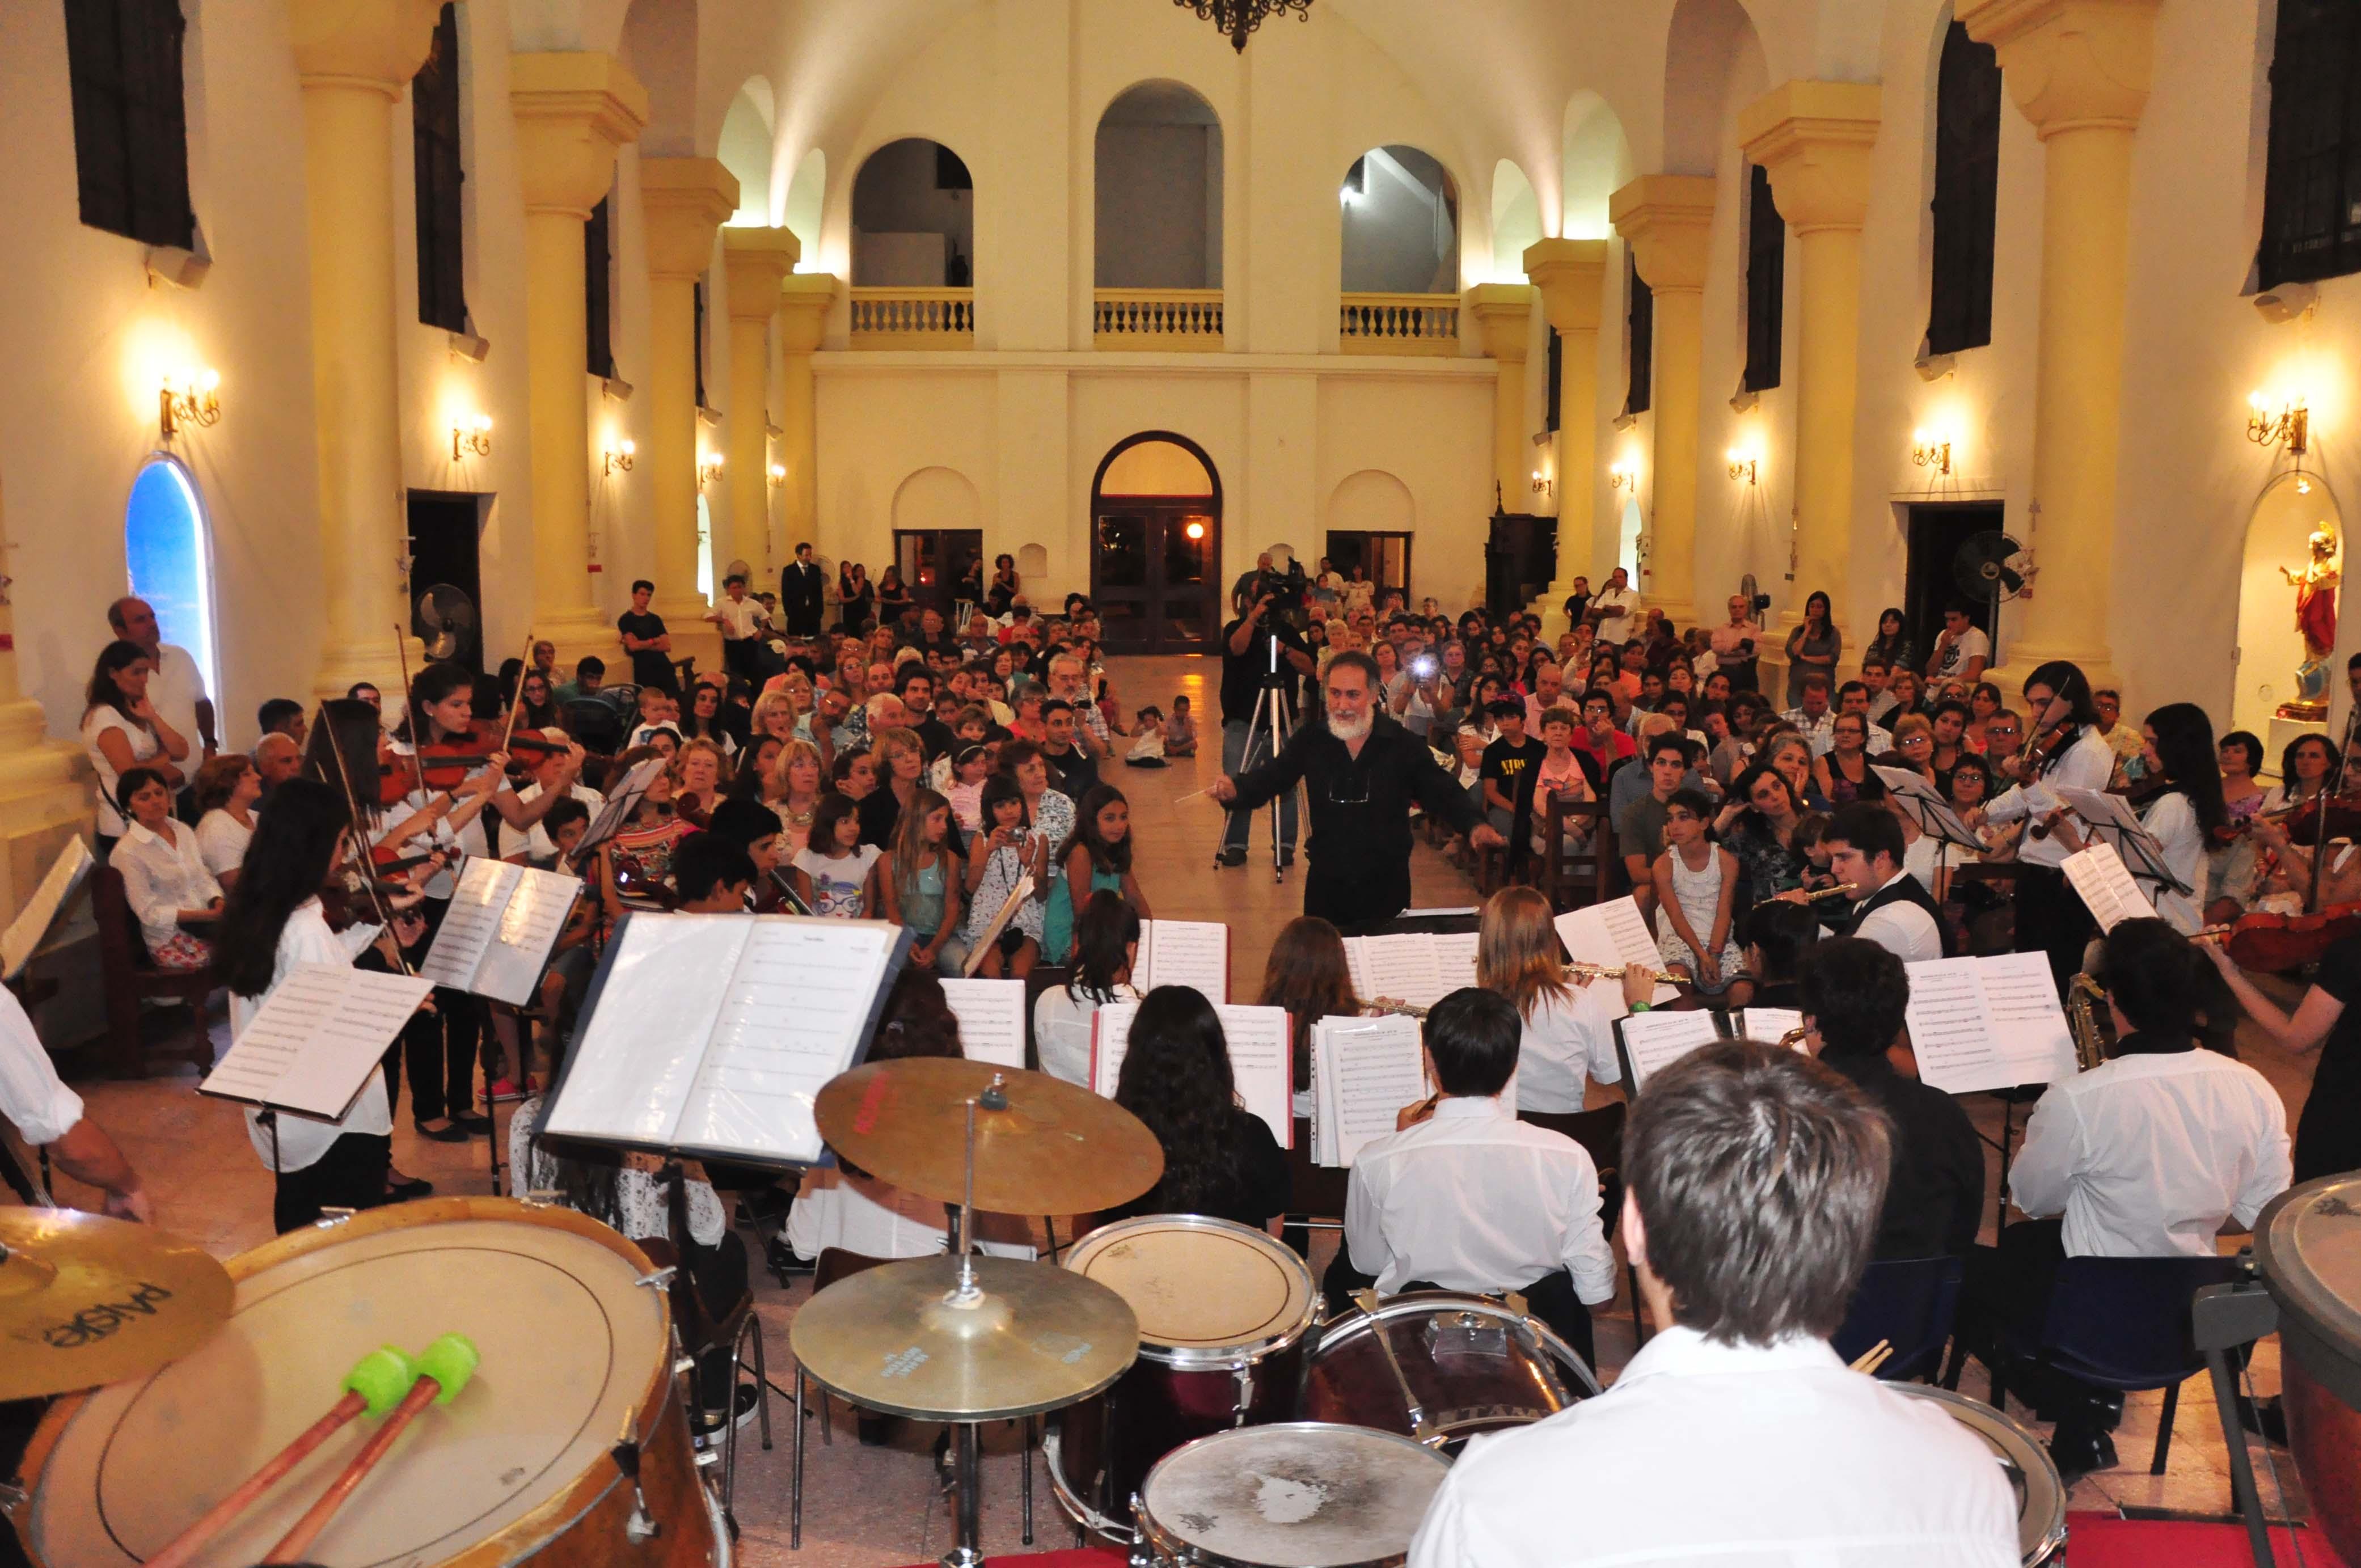 Orquesta en Parroquia - diciembre 2015 (1)